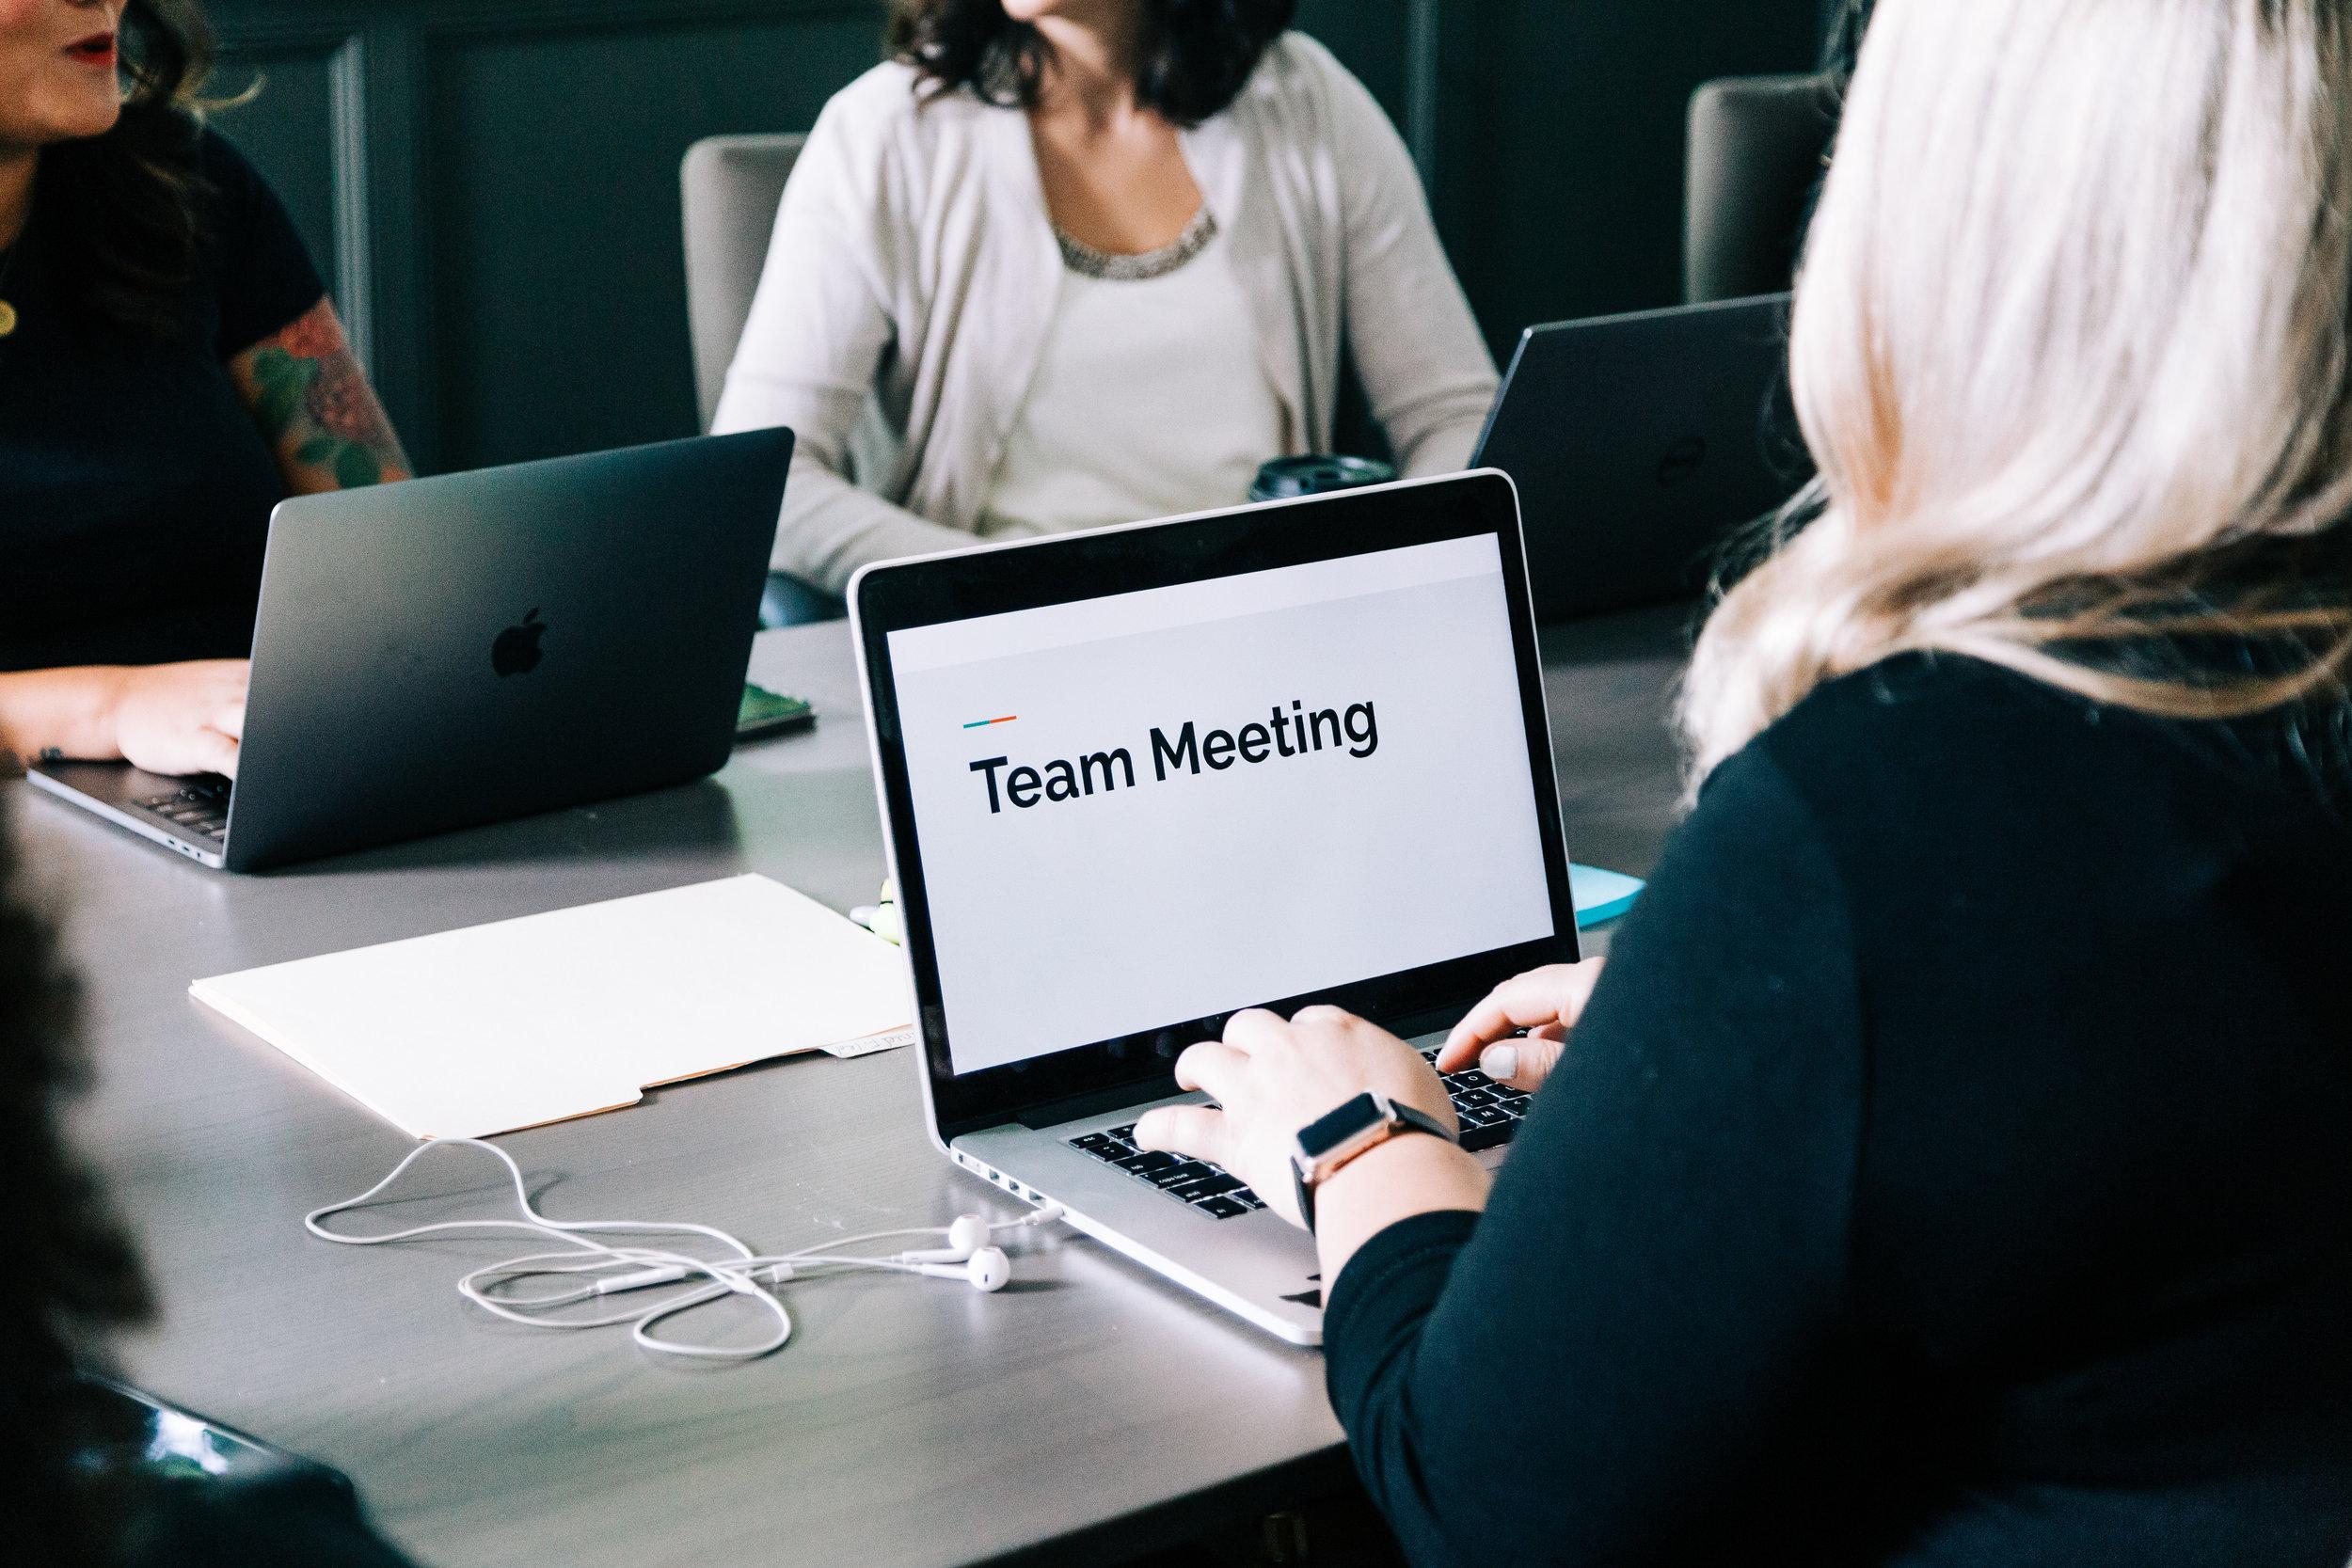 Copy of Meeting-35.jpg